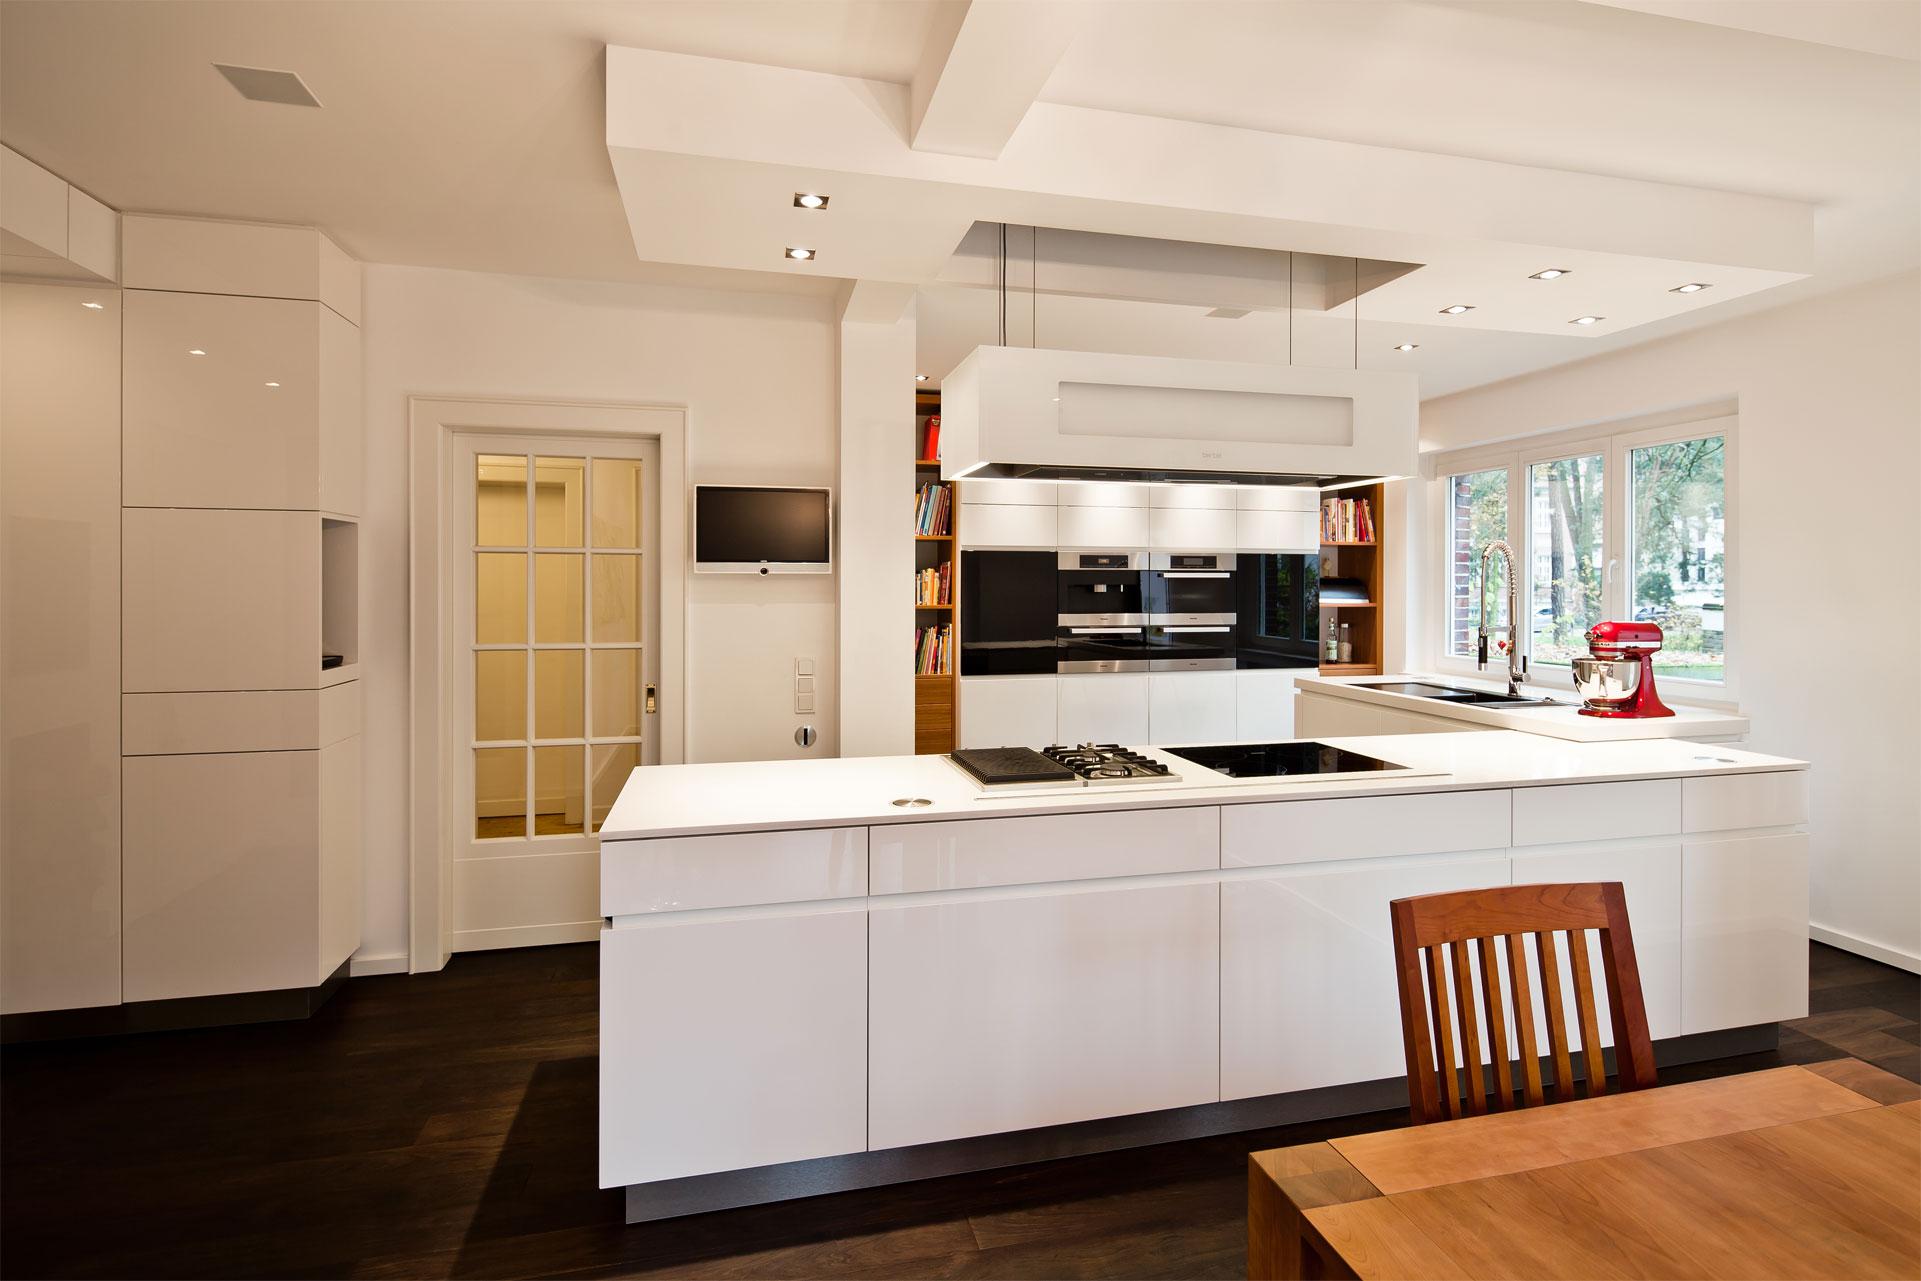 Renovierung Einer Wohnkuche Mit Vielen Besonderheiten Raumfabrik